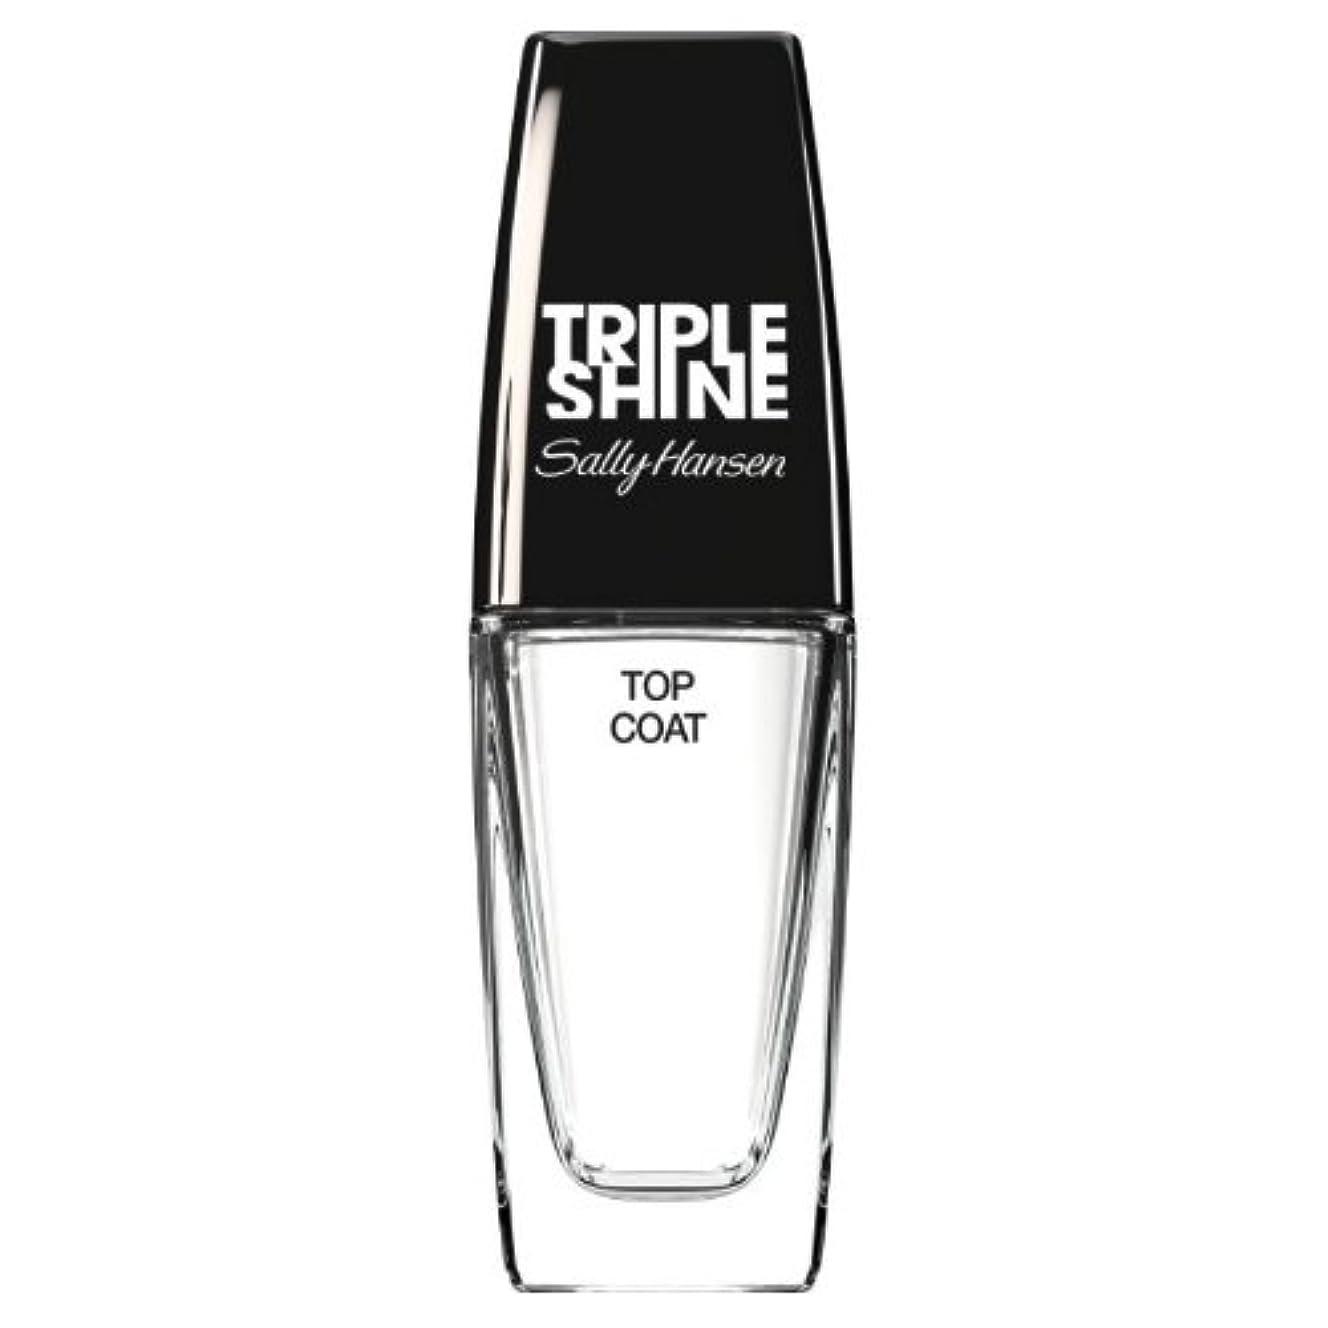 恩赦ずっと甘美な(3 Pack) SALLY HANSEN Triple Shine Top Coat - Triple Shine Top Coat (並行輸入品)